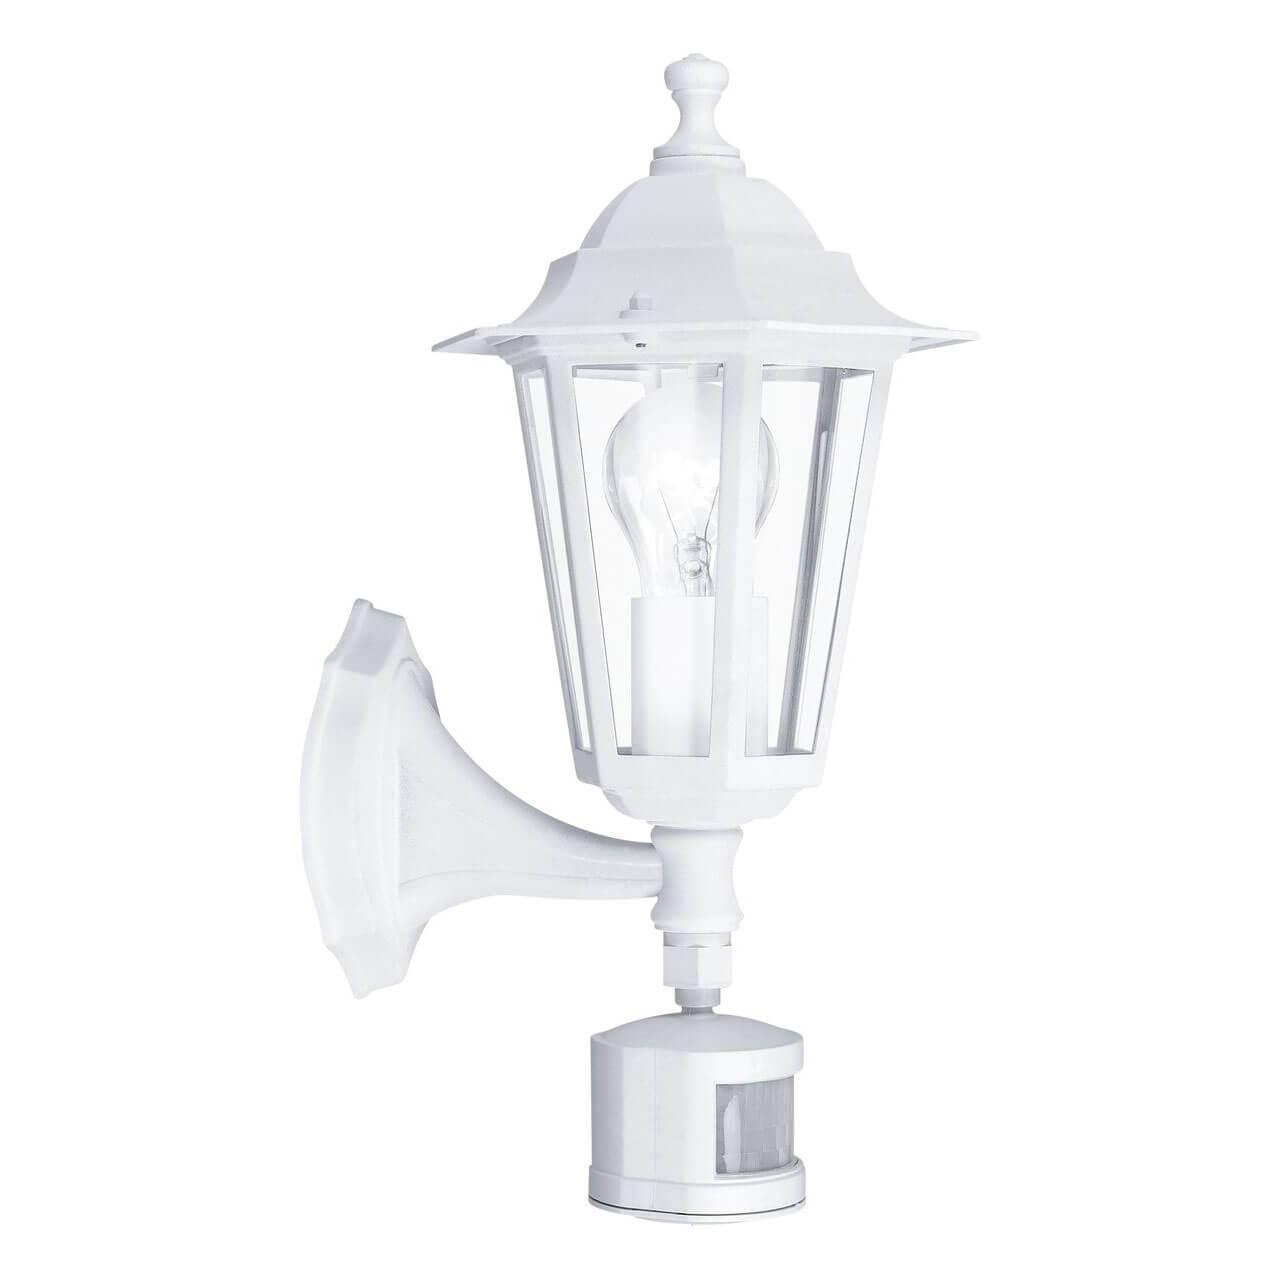 Уличный светильник Eglo 22464, E27 eglo уличный настенный светильник eglo laterna 7 3376